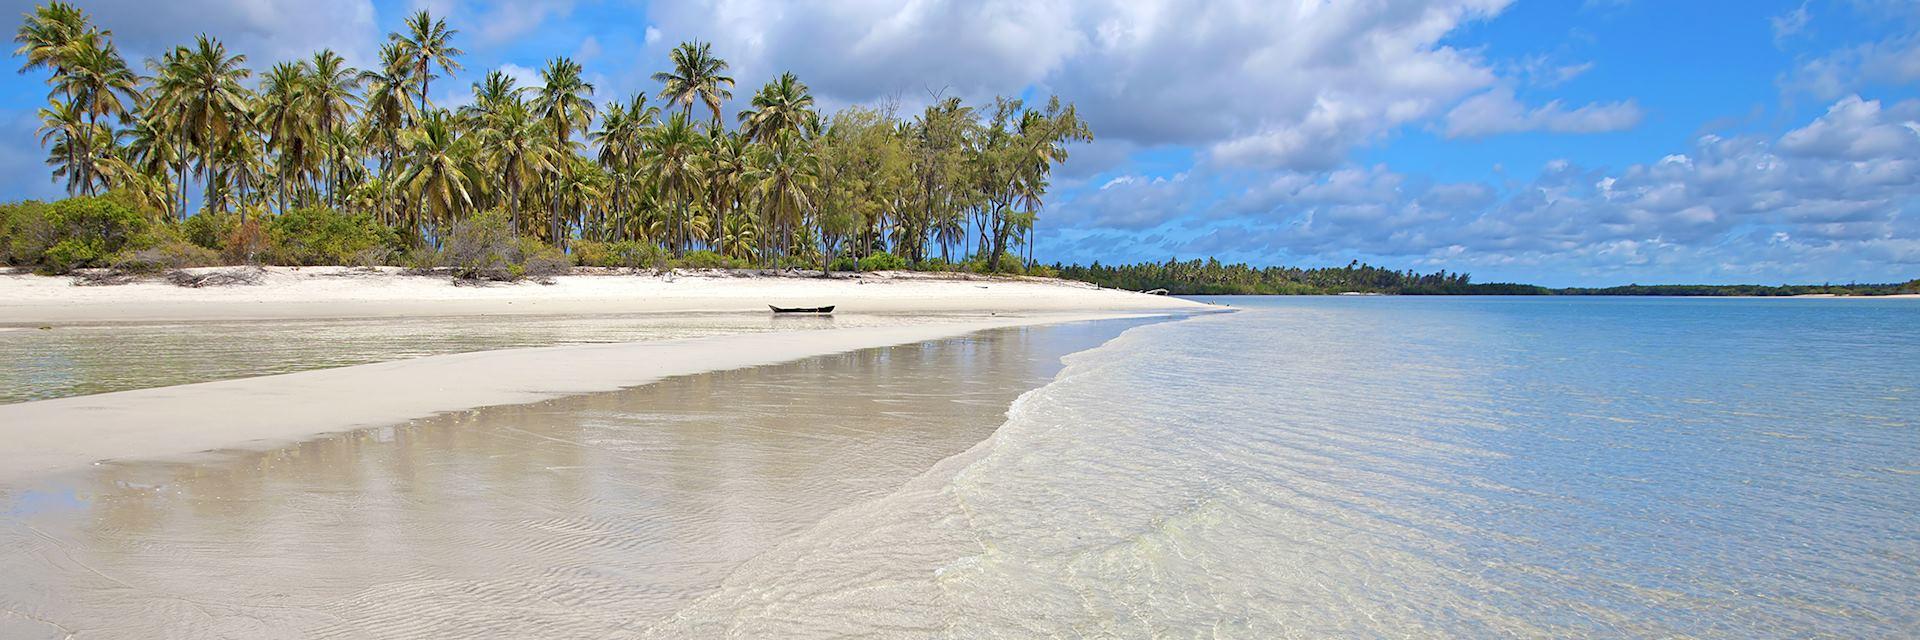 Beautiful beach in the Mafia Archipelago